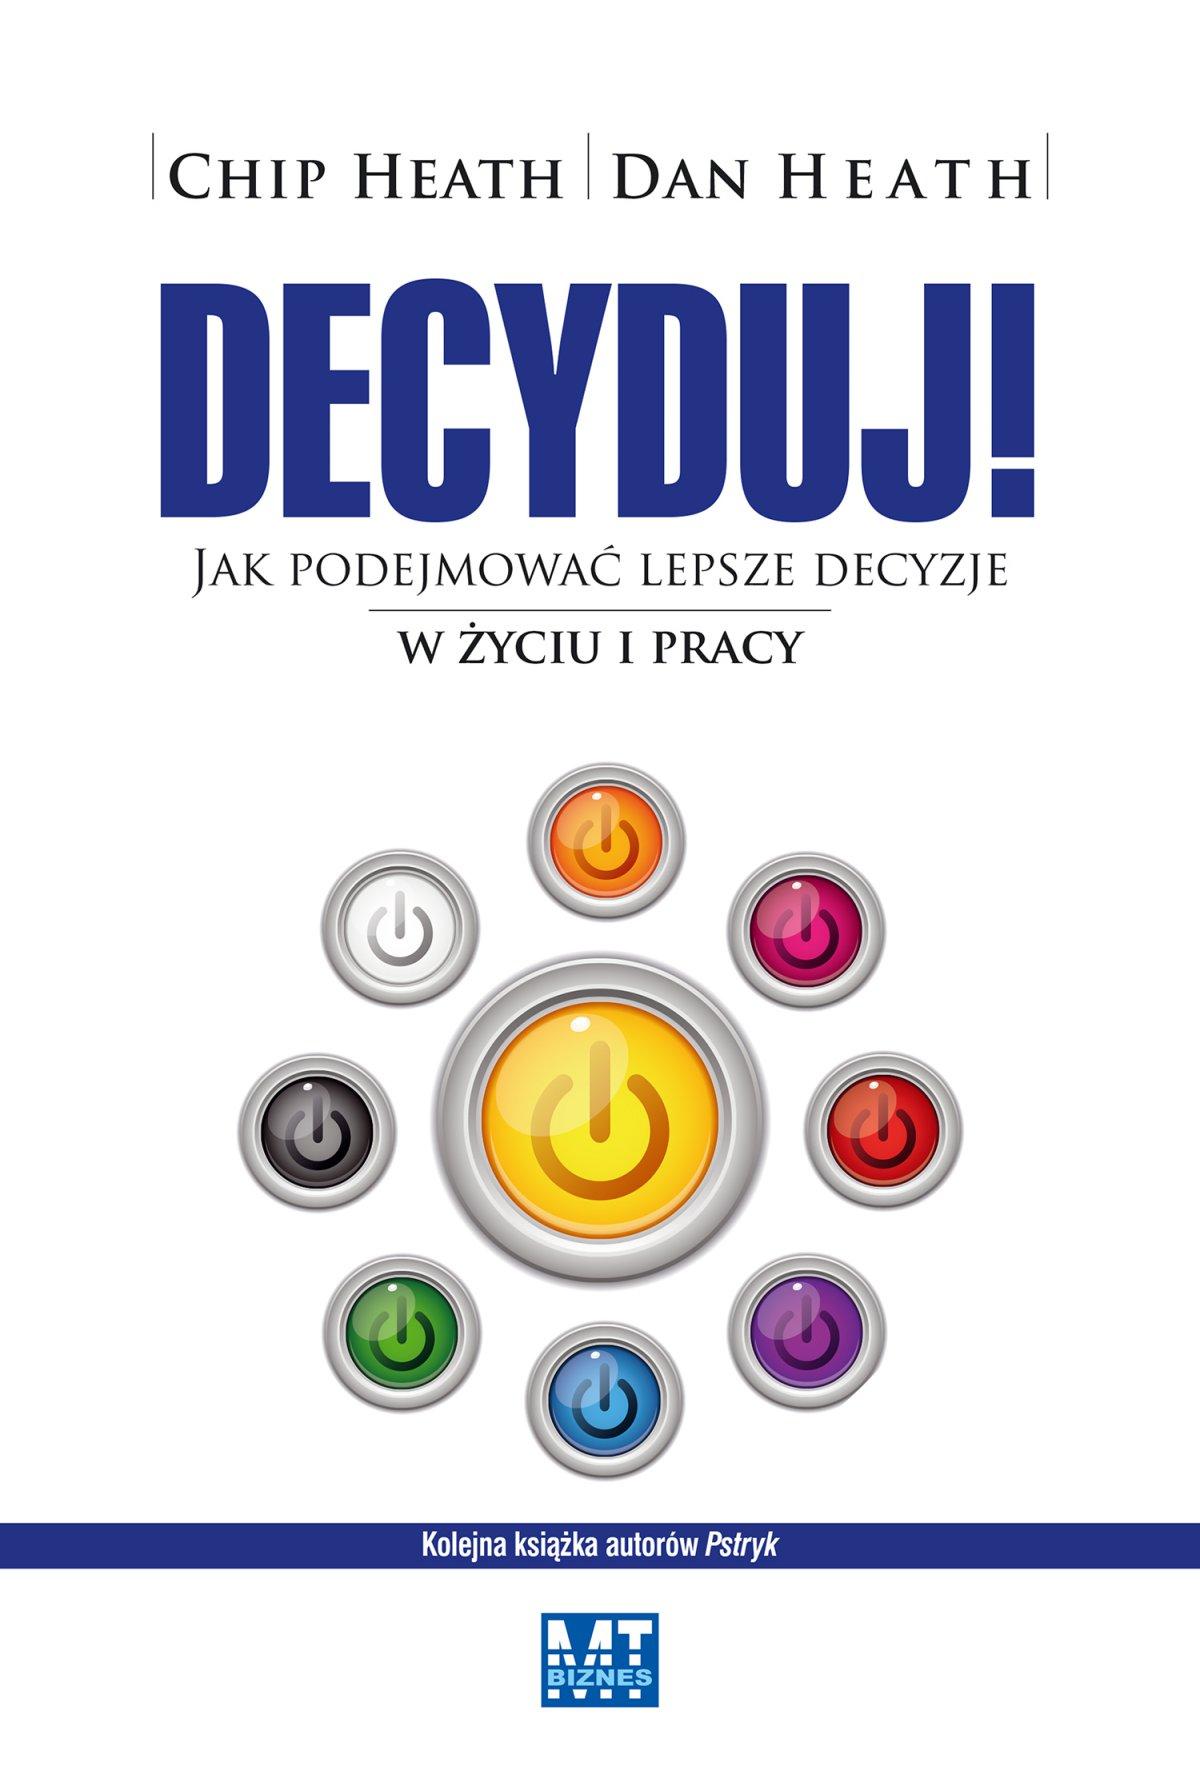 Decyduj! - Ebook (Książka EPUB) do pobrania w formacie EPUB